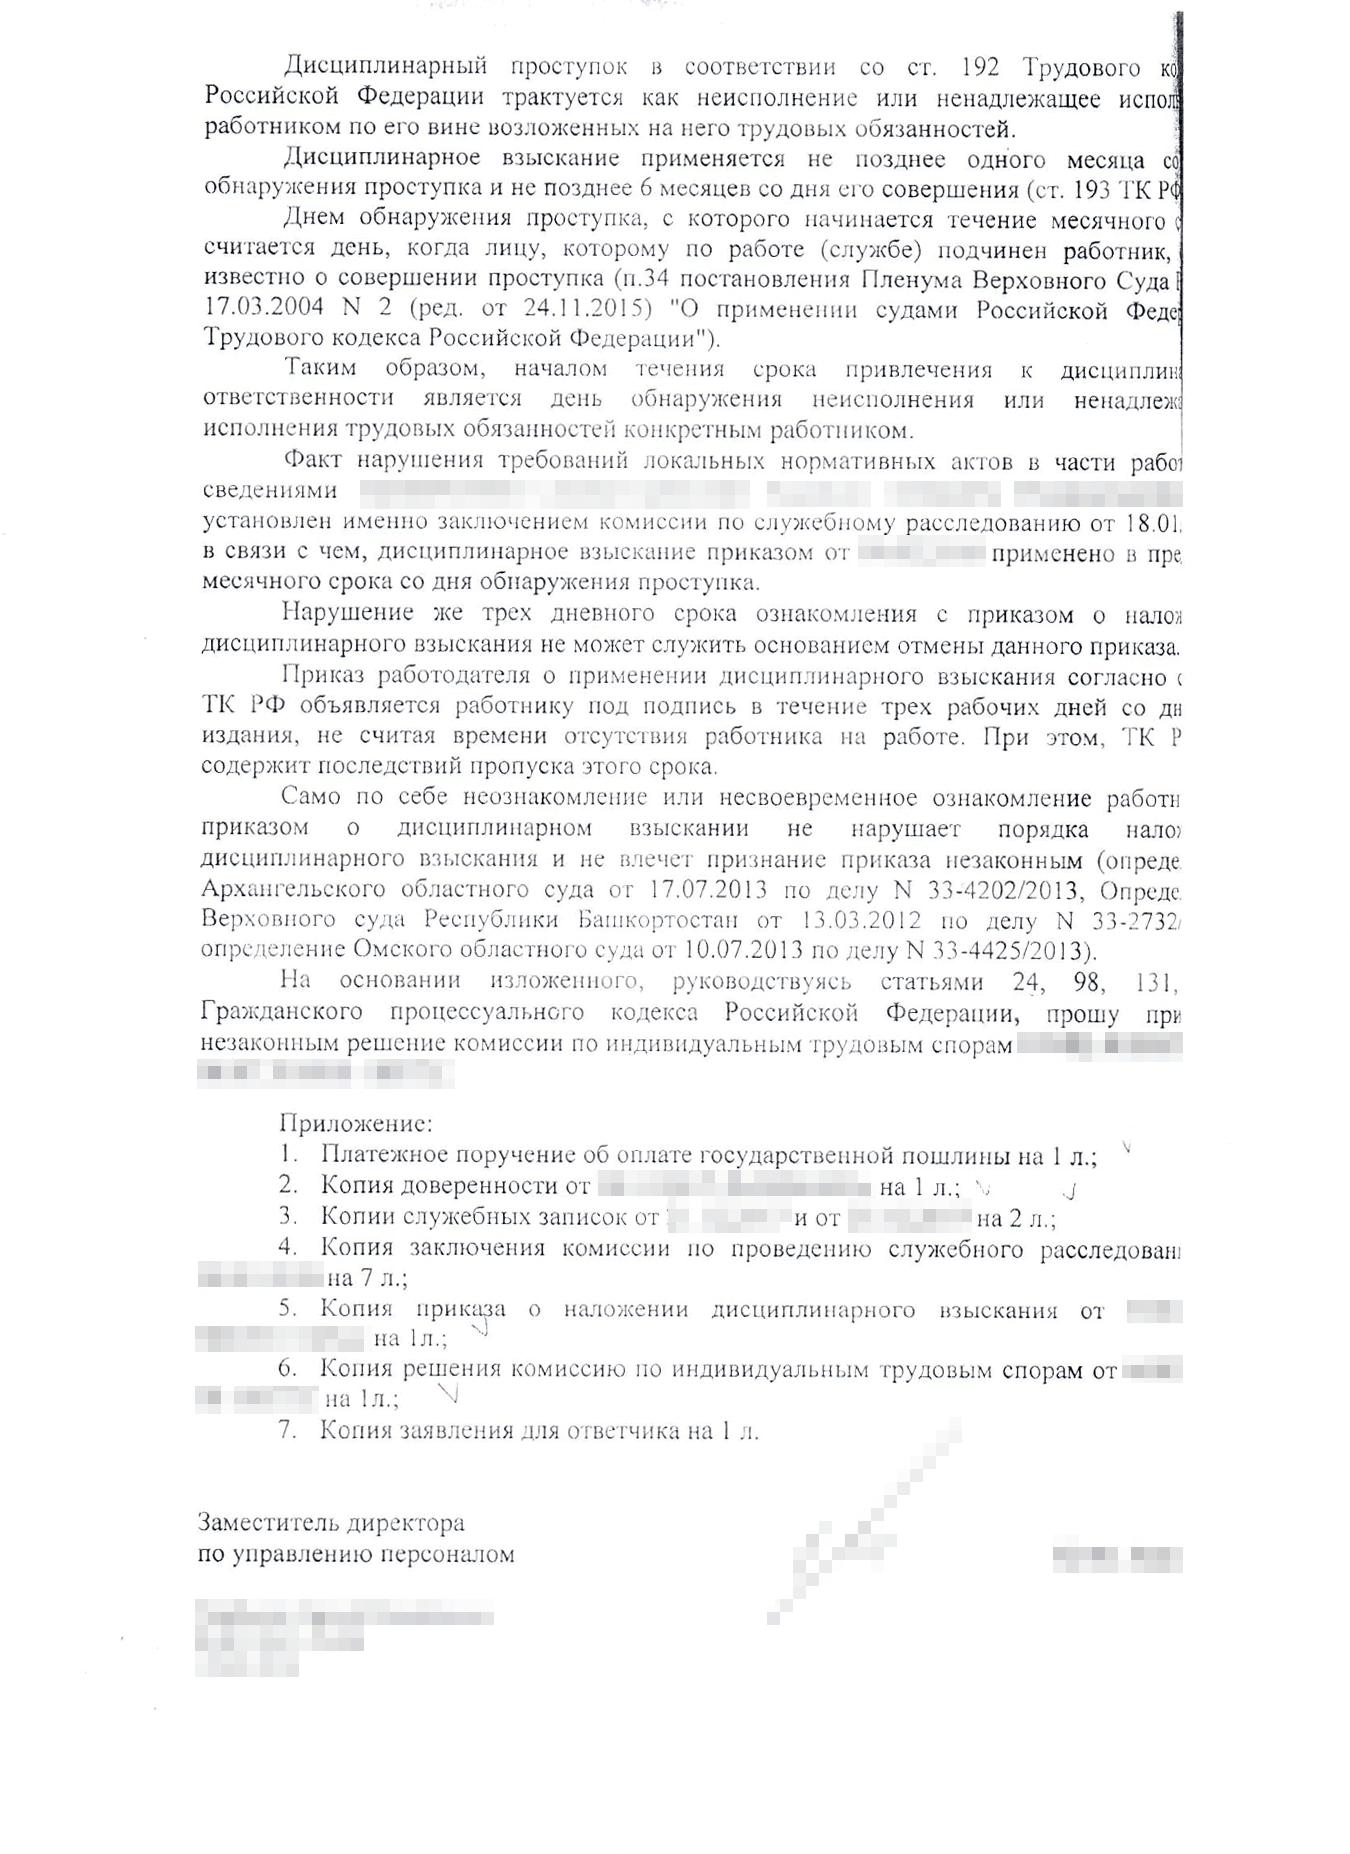 Исковое заявление работодателя